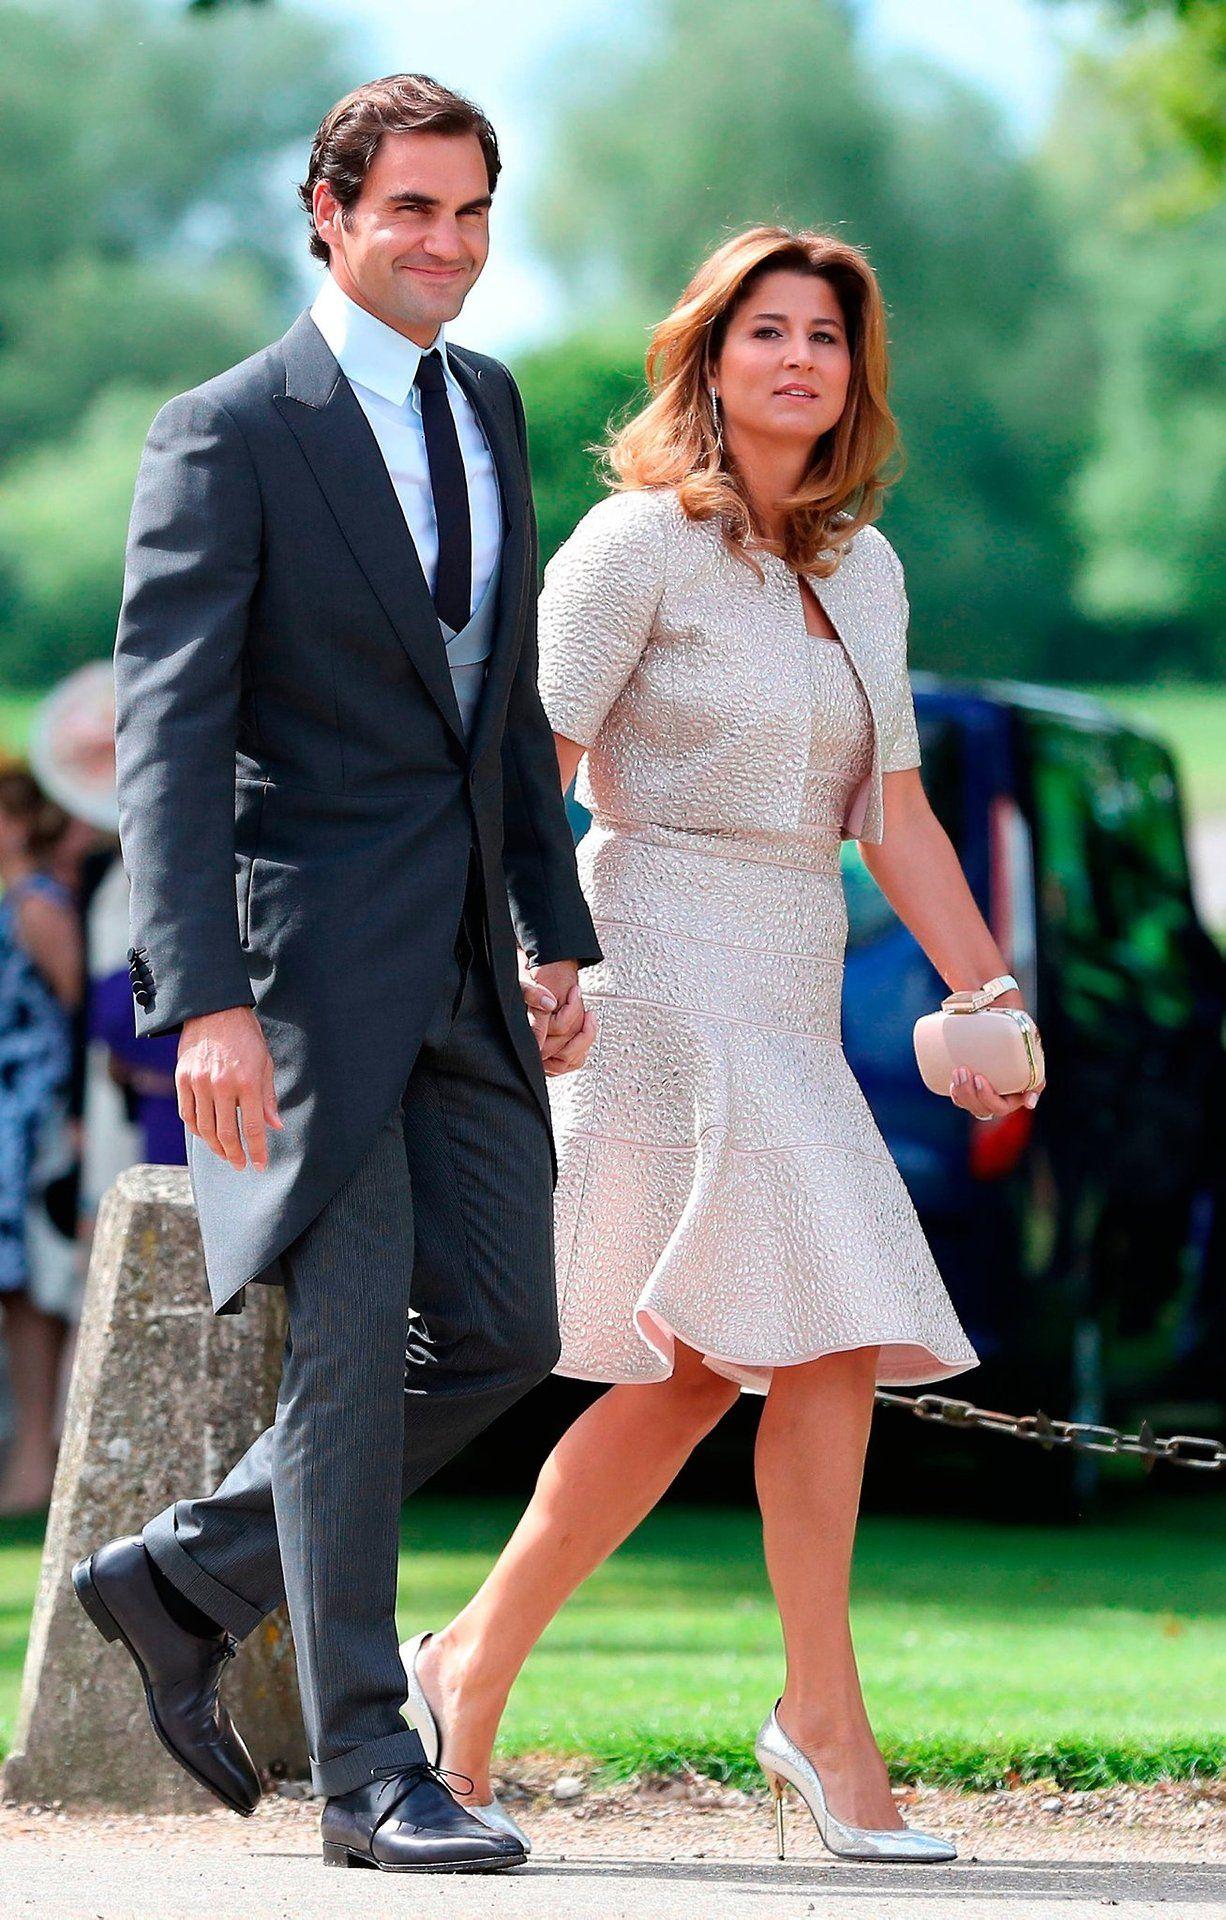 Roger Federer and Mirka Federer at Pippa Middletons wedding